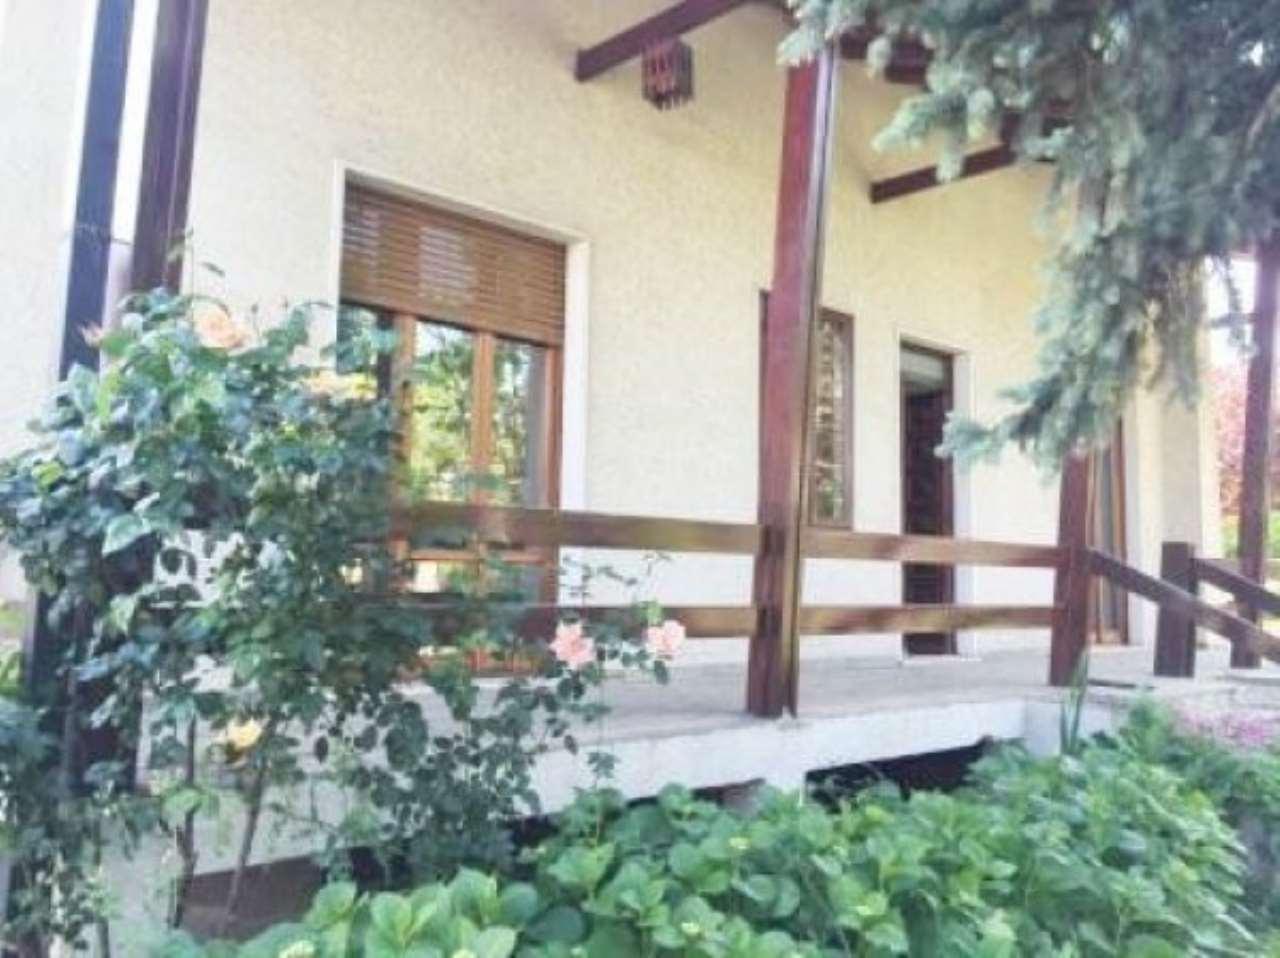 Villa in vendita a Gerenzano, 6 locali, prezzo € 250.000 | CambioCasa.it